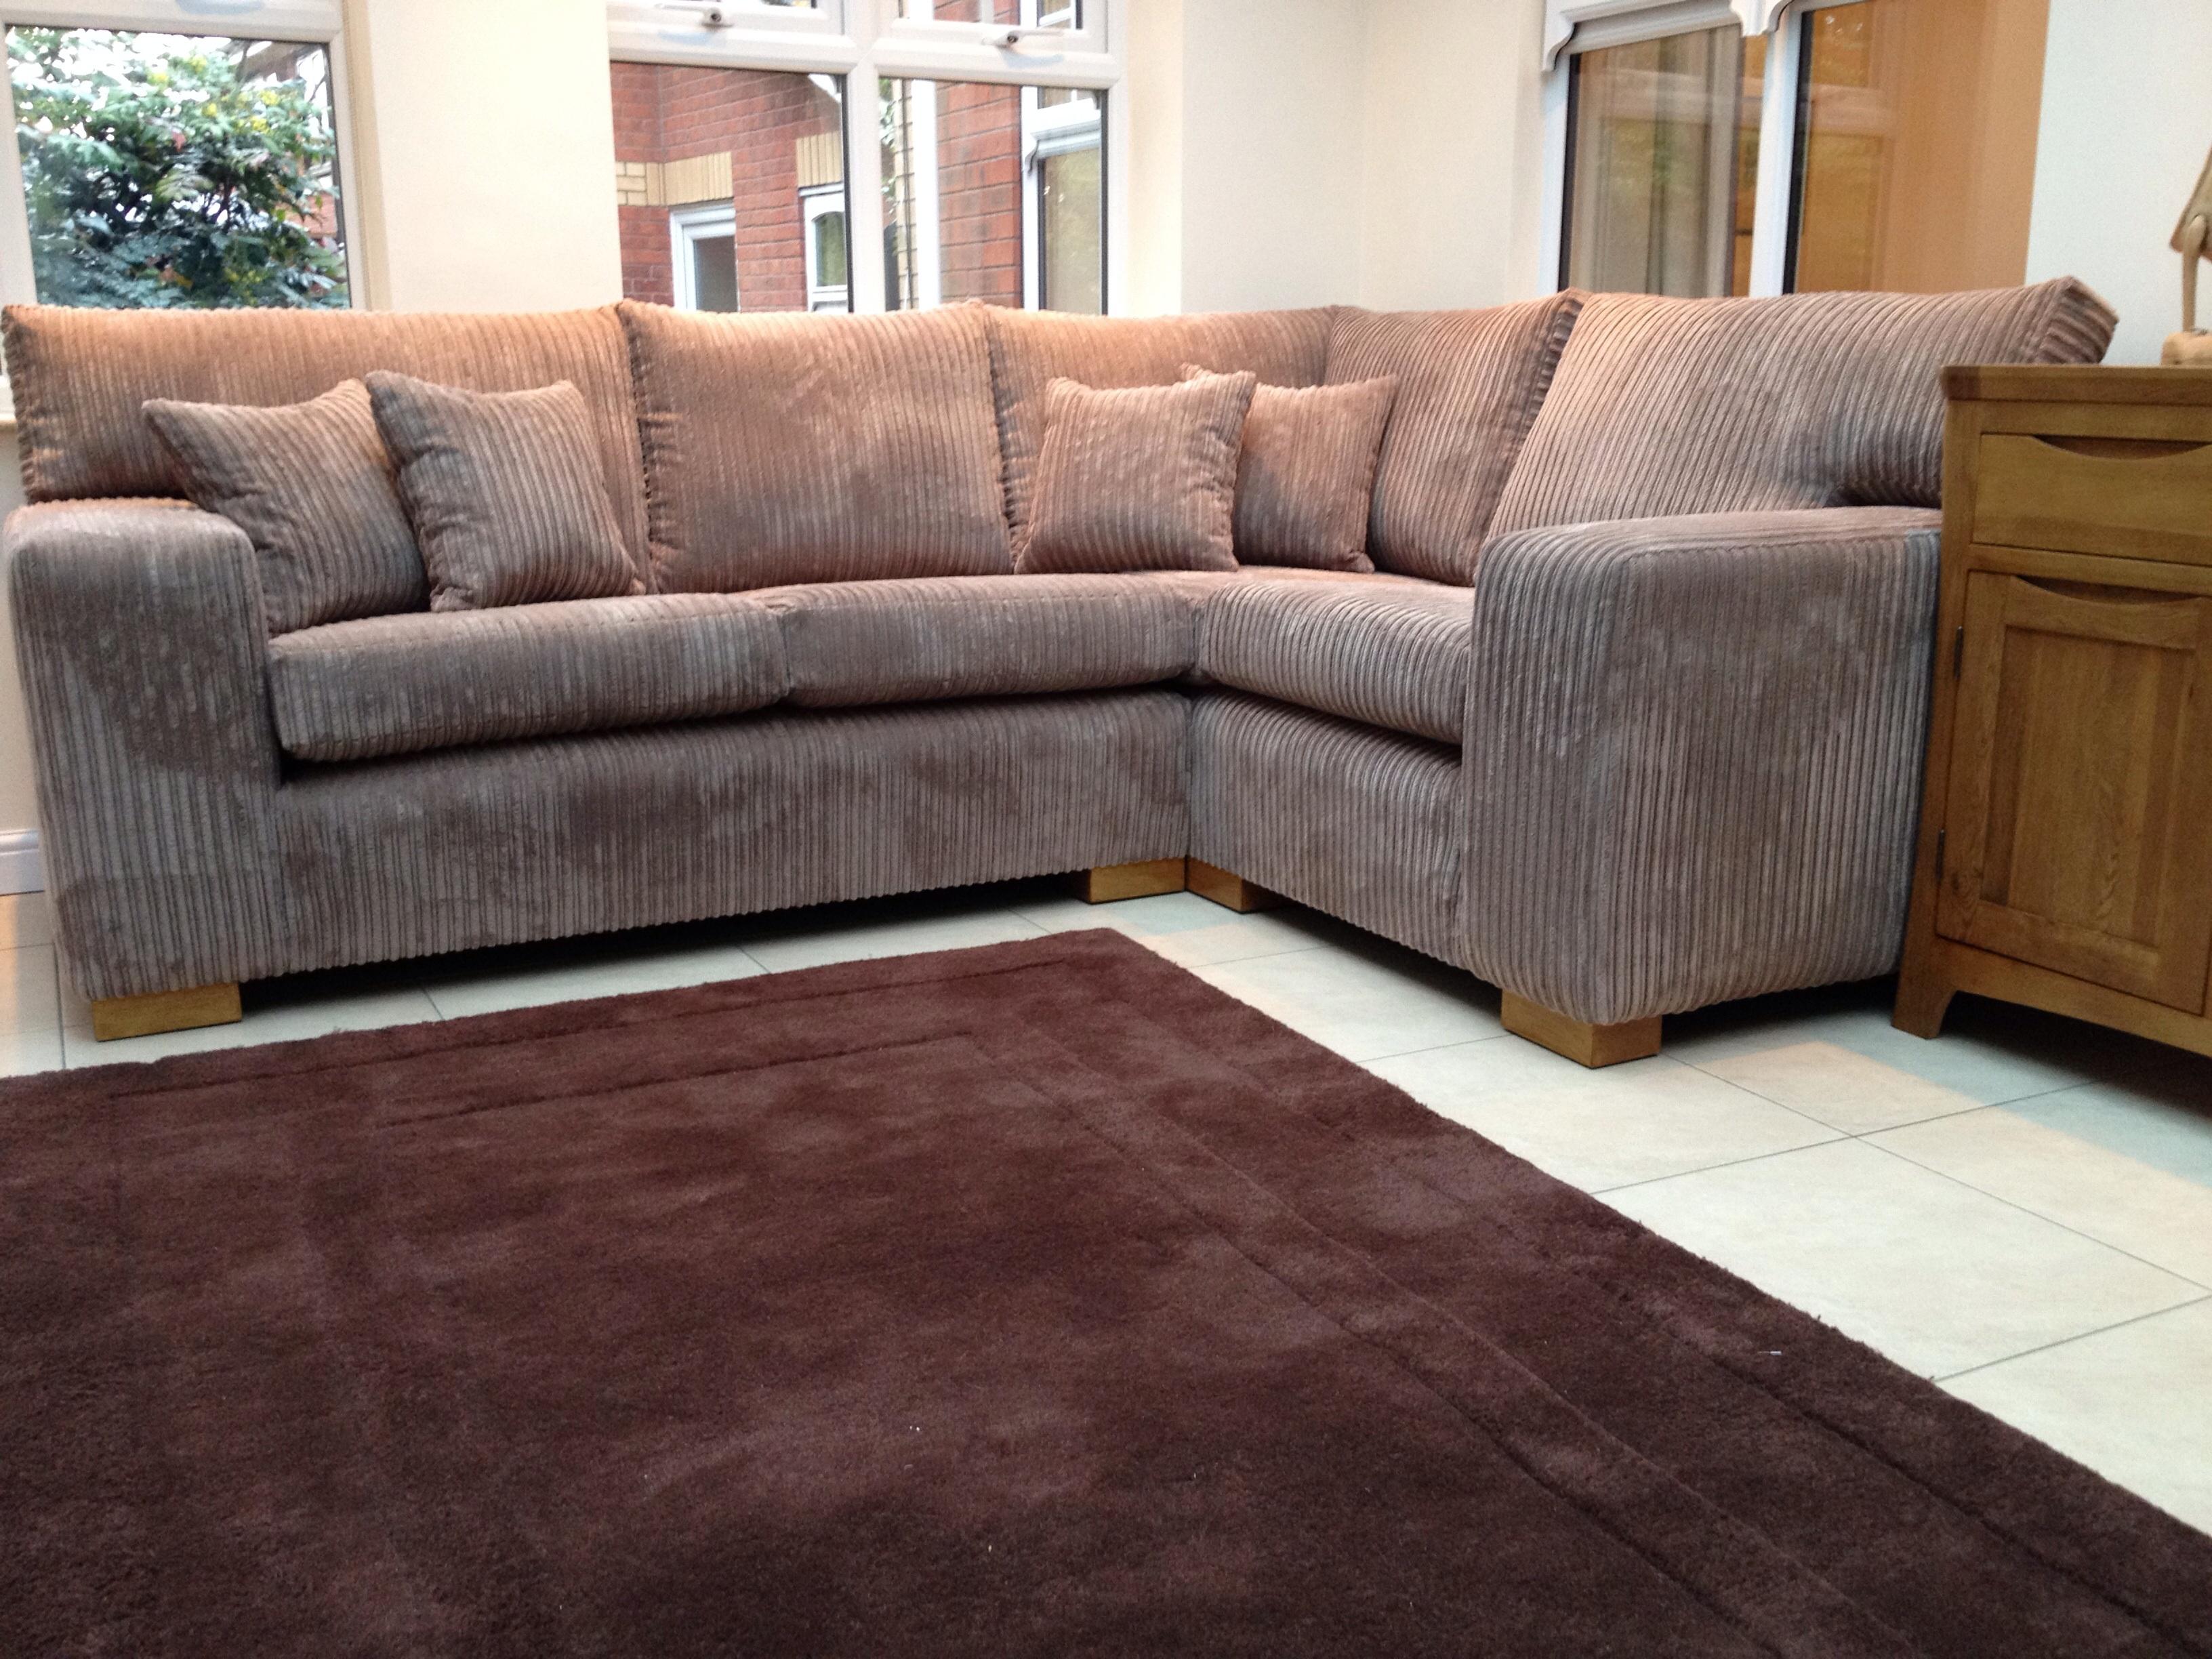 Gallery Ralvern Upholstery Bespoke Sofas Reupholstery Inside Bespoke Corner Sofas (Image 12 of 15)